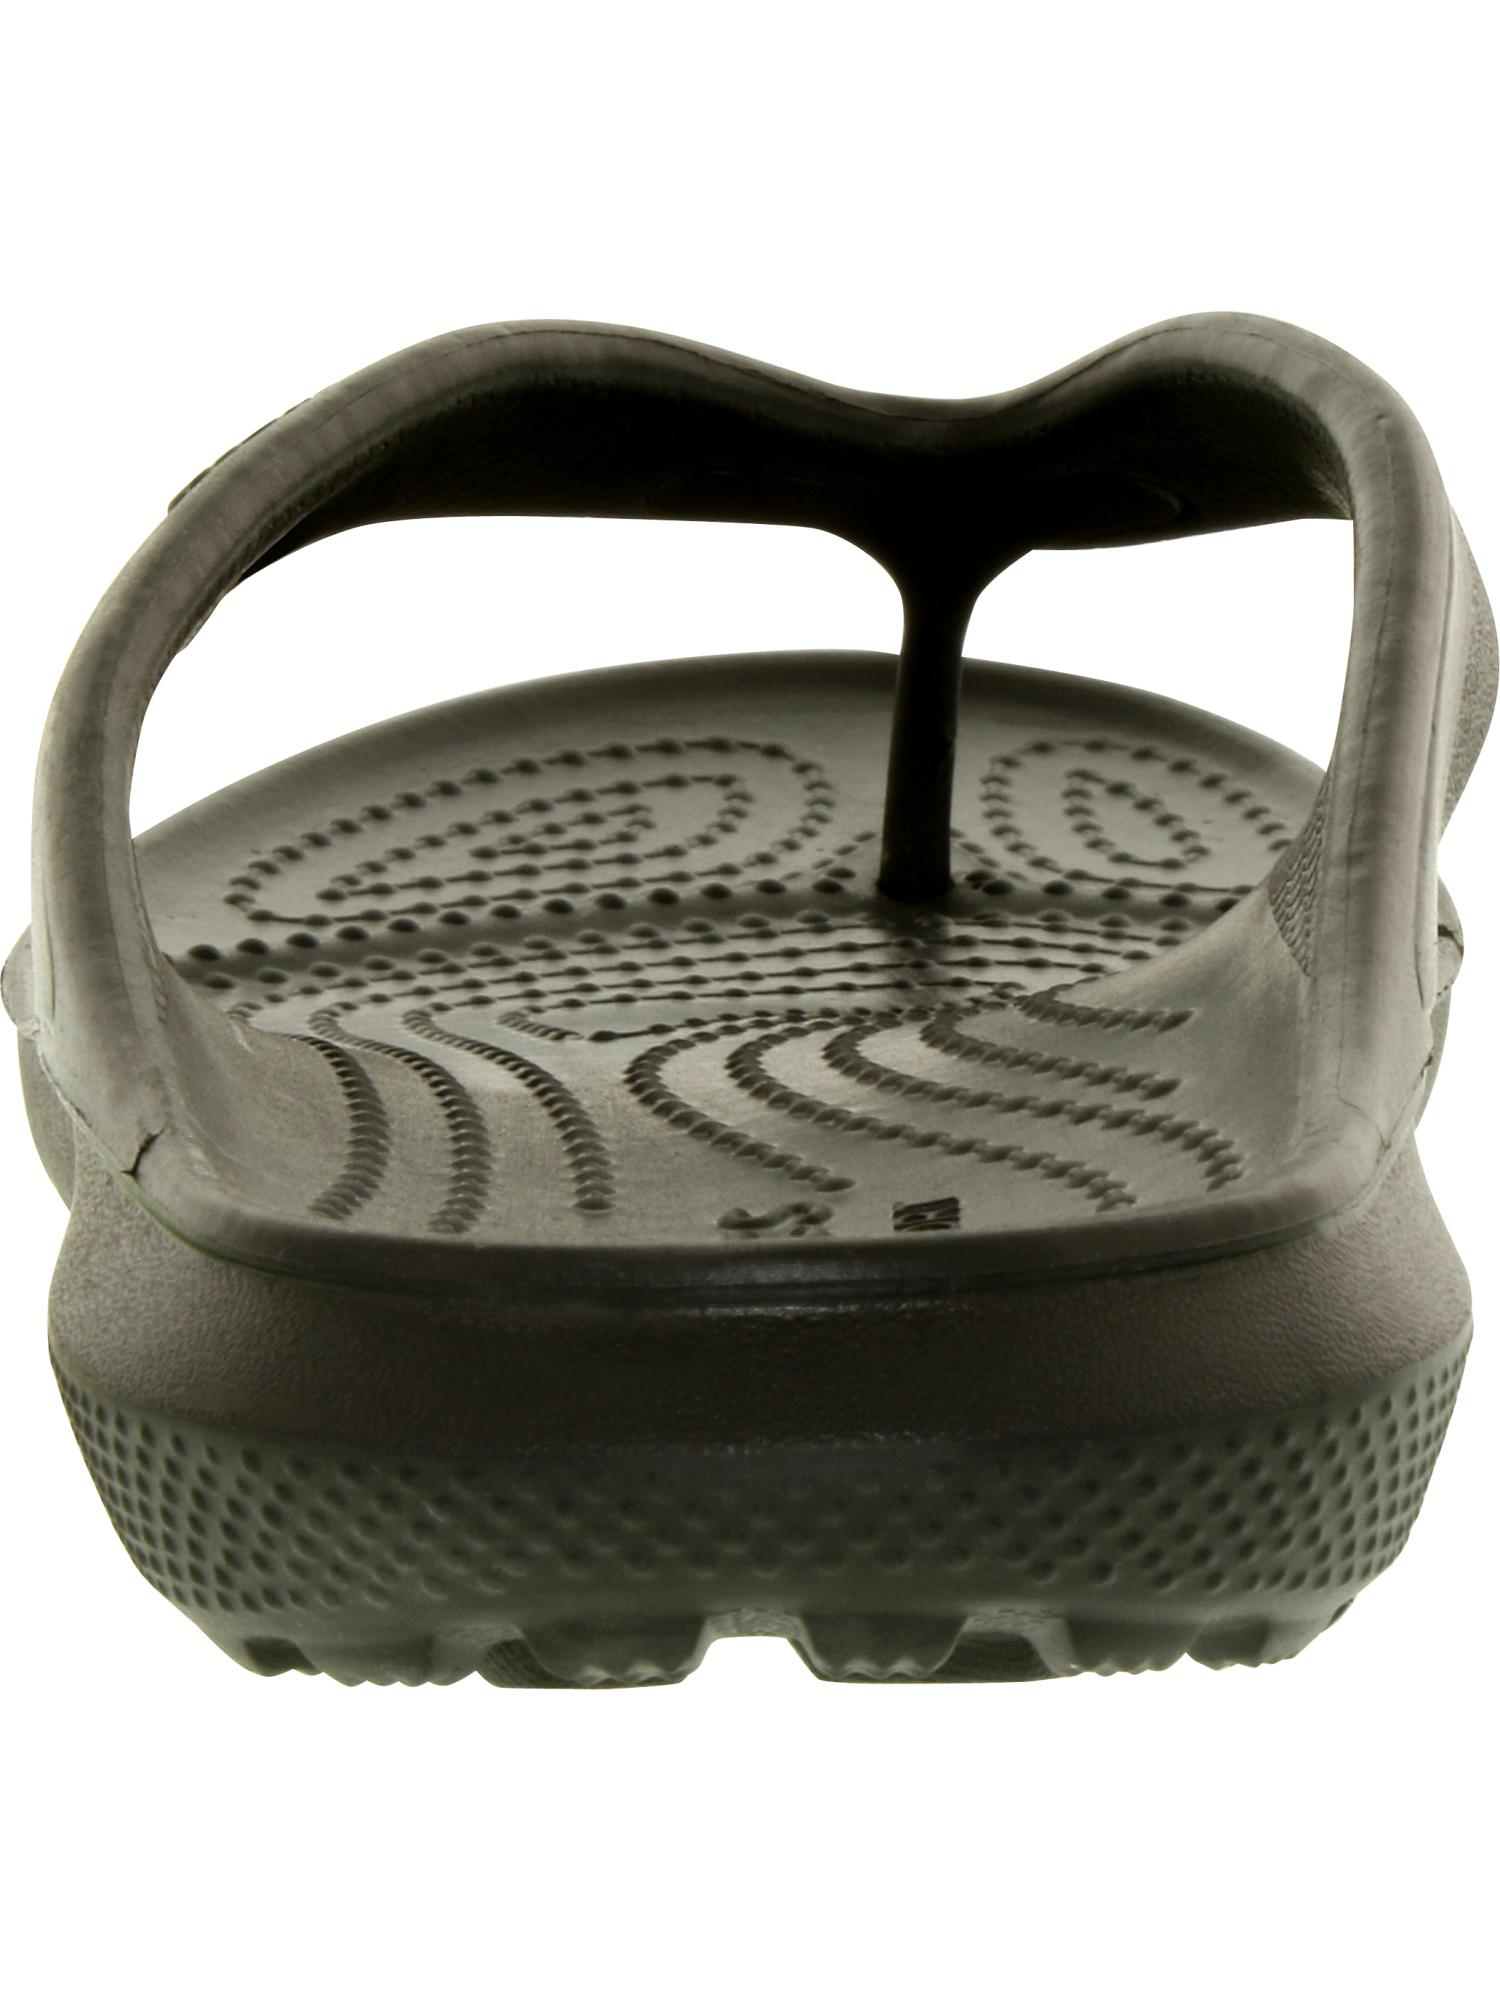 203d134d98253f Crocs Men s Classic Flip Ankle-High Rubber Sandal